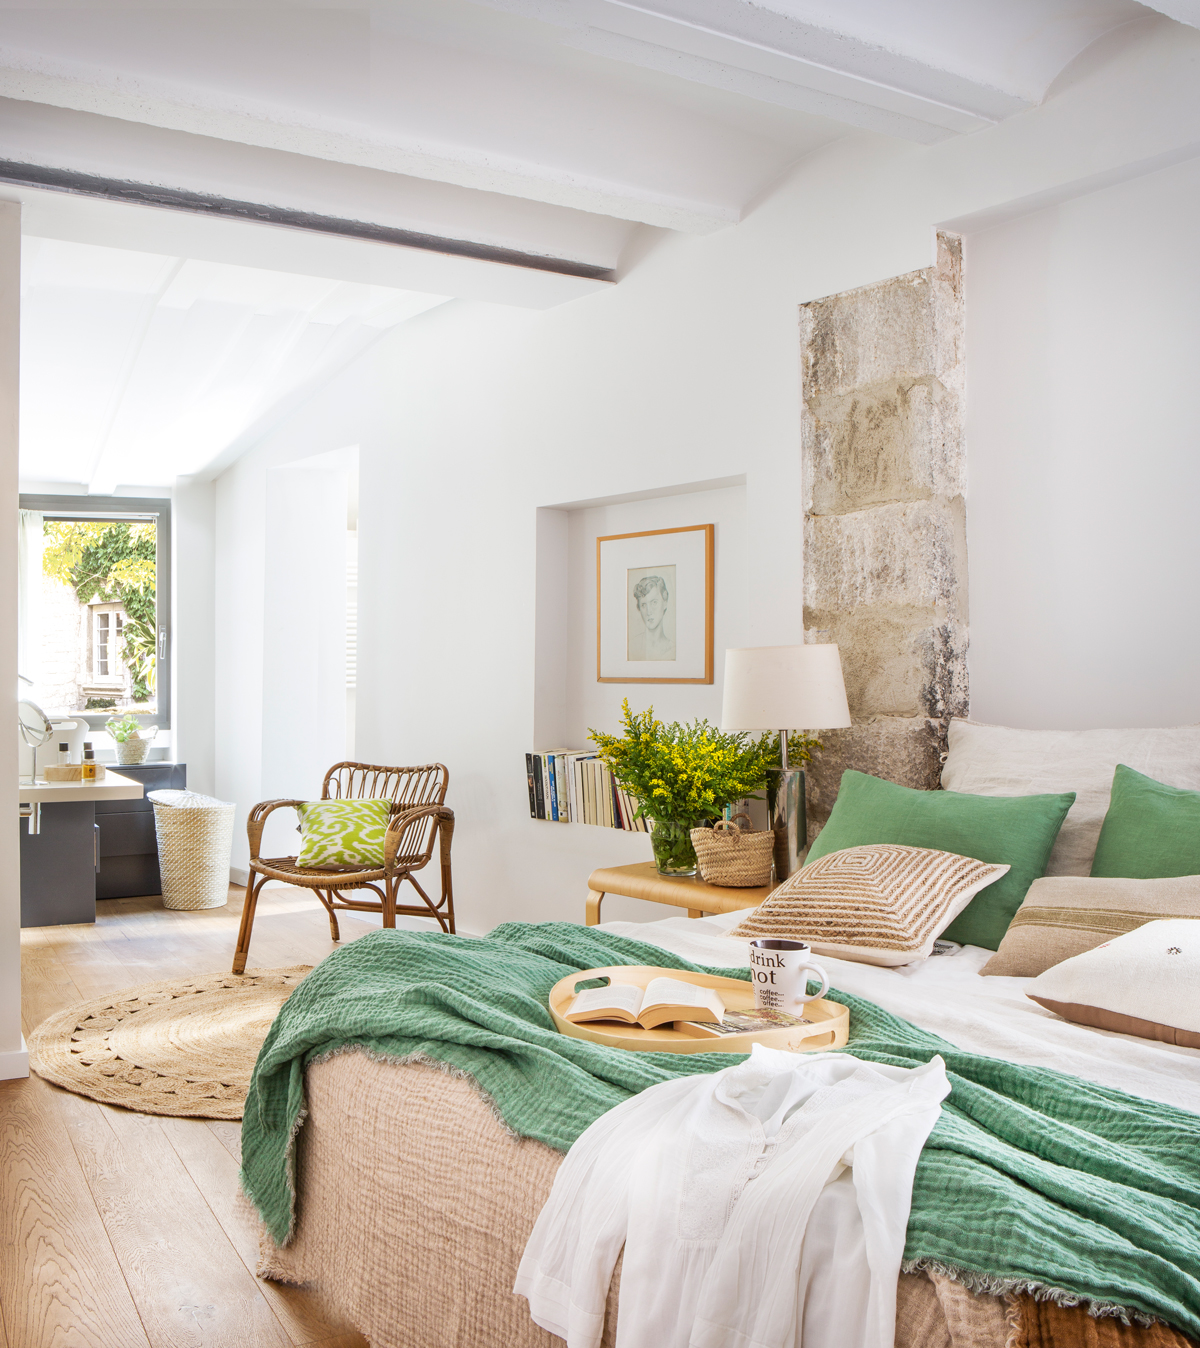 Hornacinas huecos decorativos y con espacio extra para toda la casa - Decoracion paredes dormitorios ...